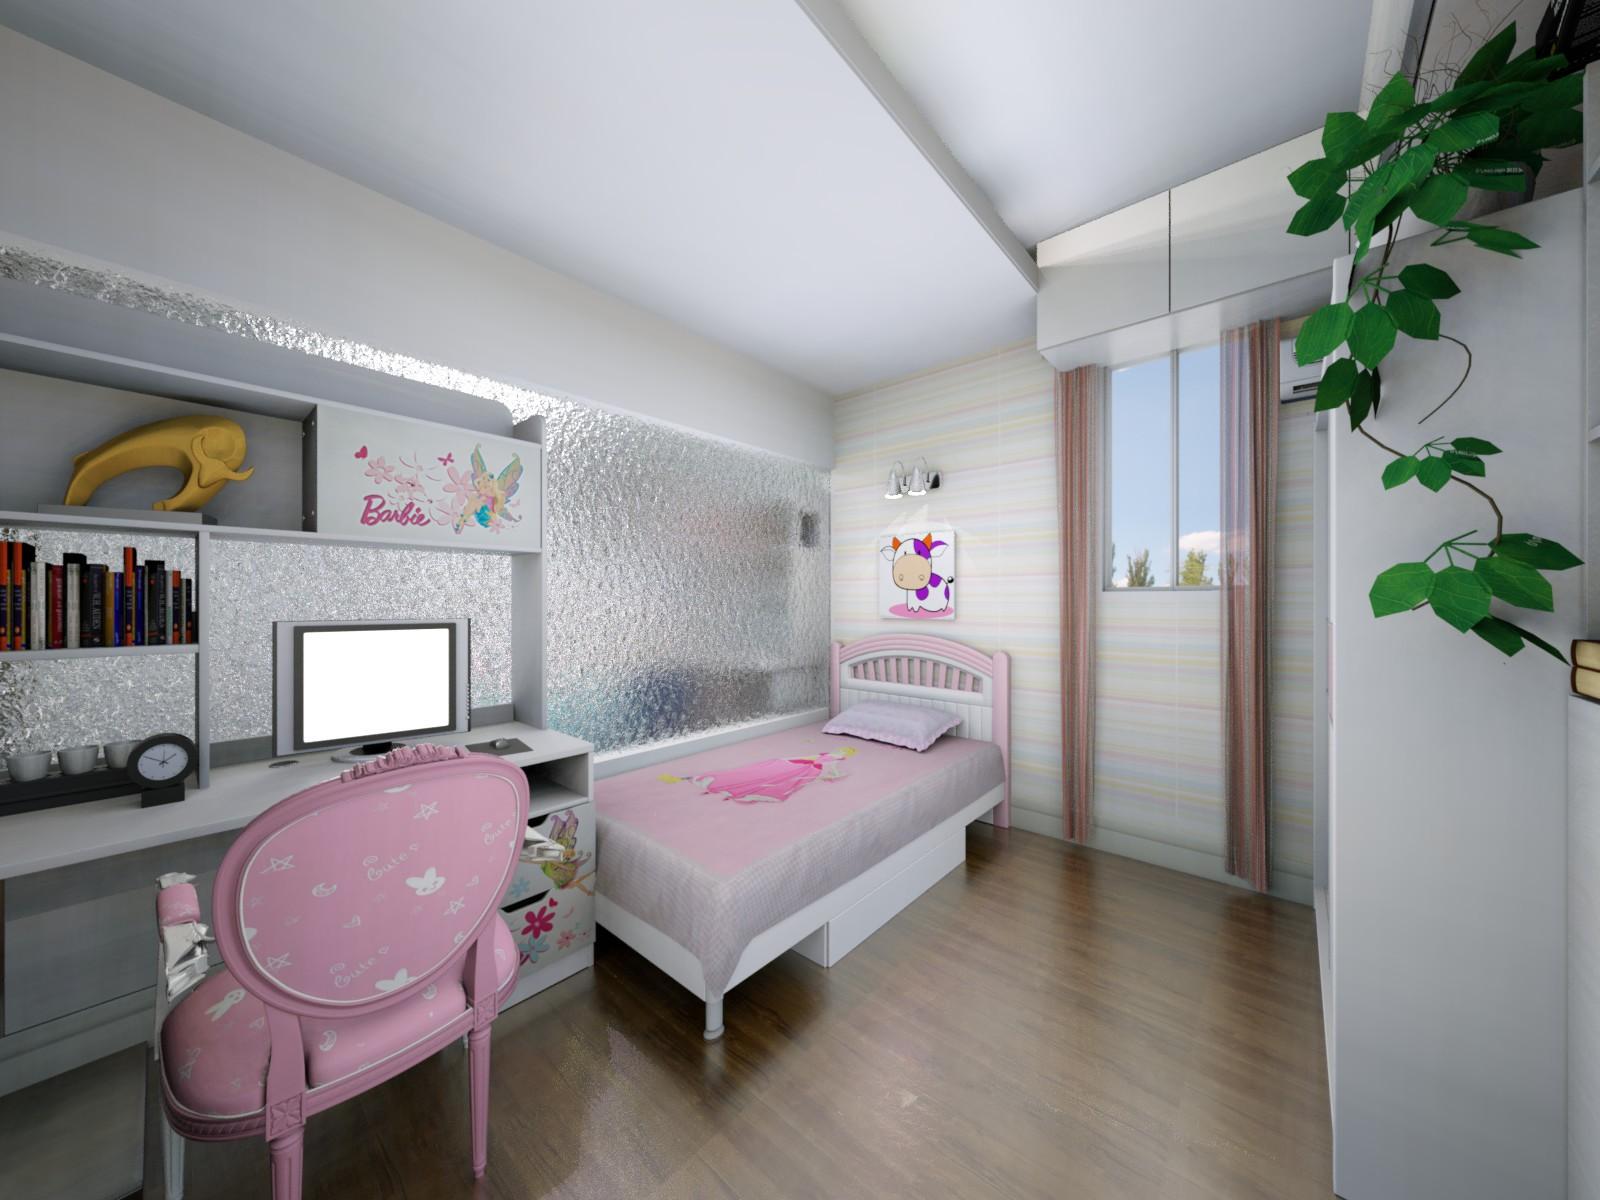 家居 起居室 设计 装修 1600_1200